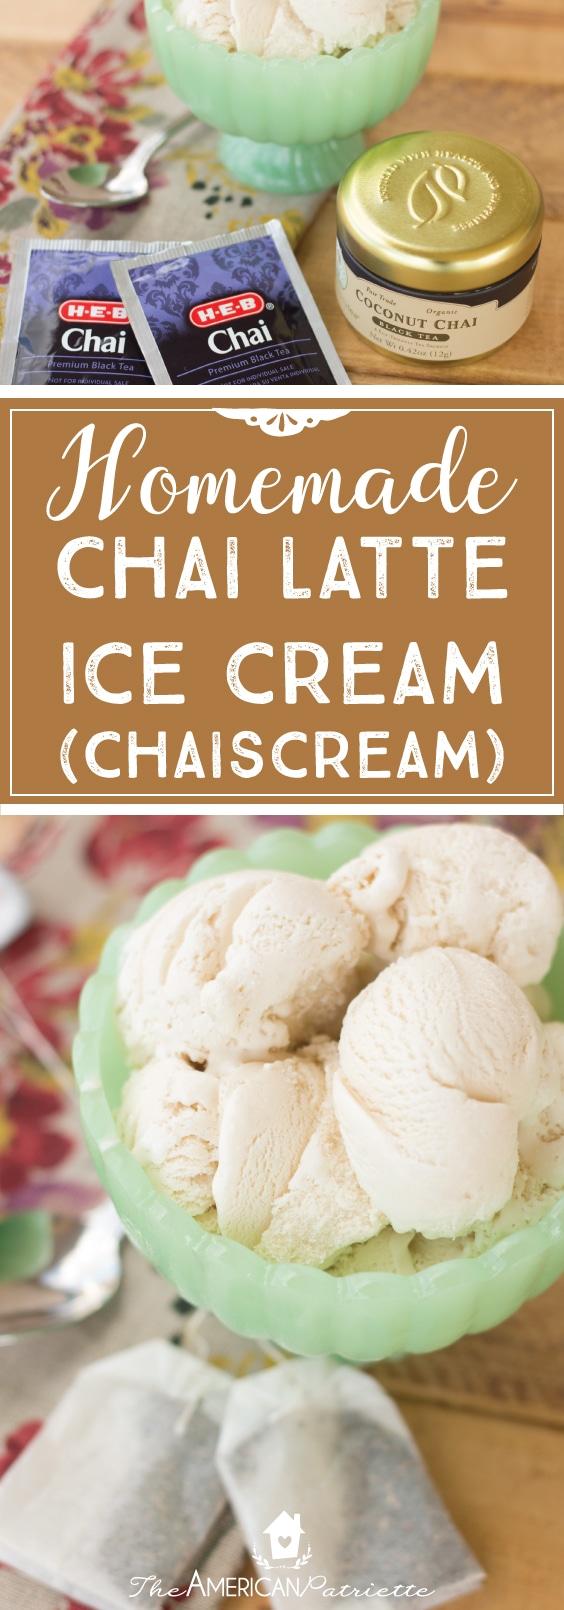 Vanilla Chaiscream (Homemade Vanilla Chai Ice Cream) - delicious take on a chai latte!